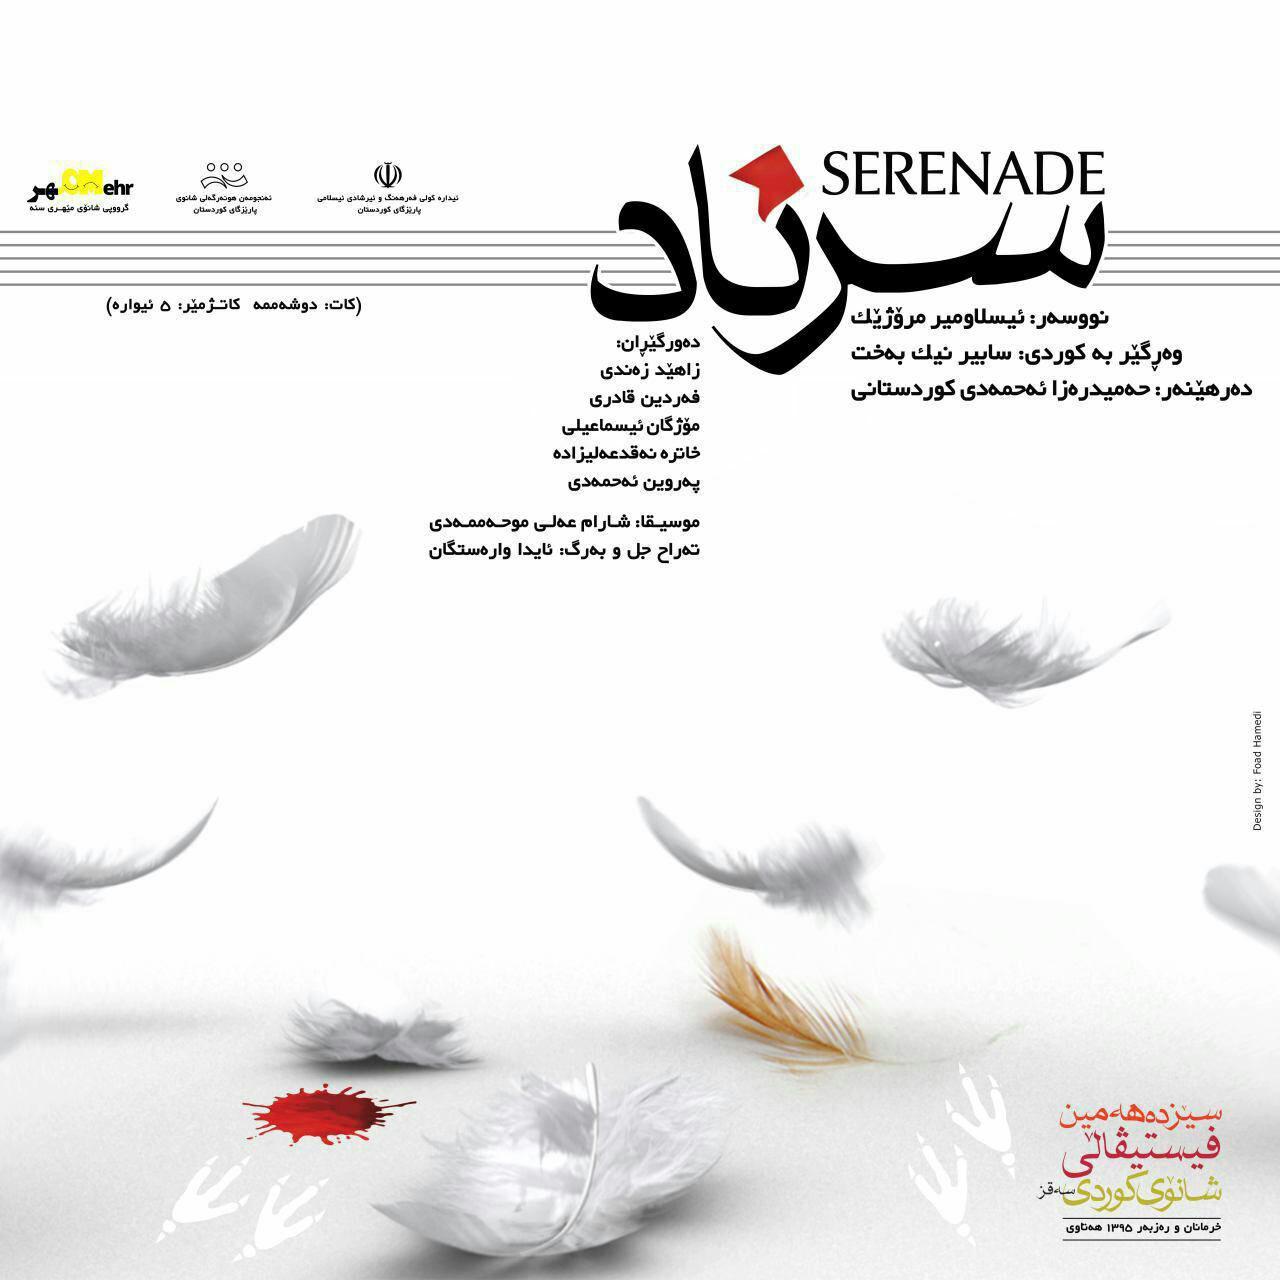 جشنواره تئاتر کردی ( نمایش سرناد )